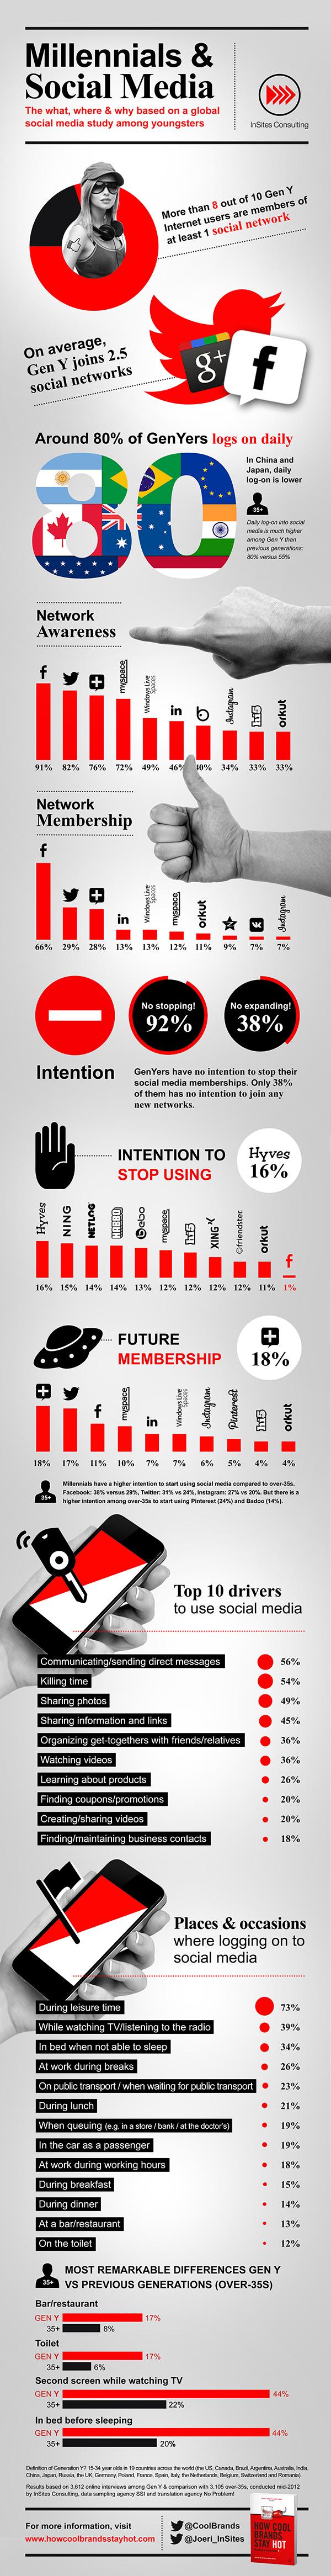 social-media-millennials